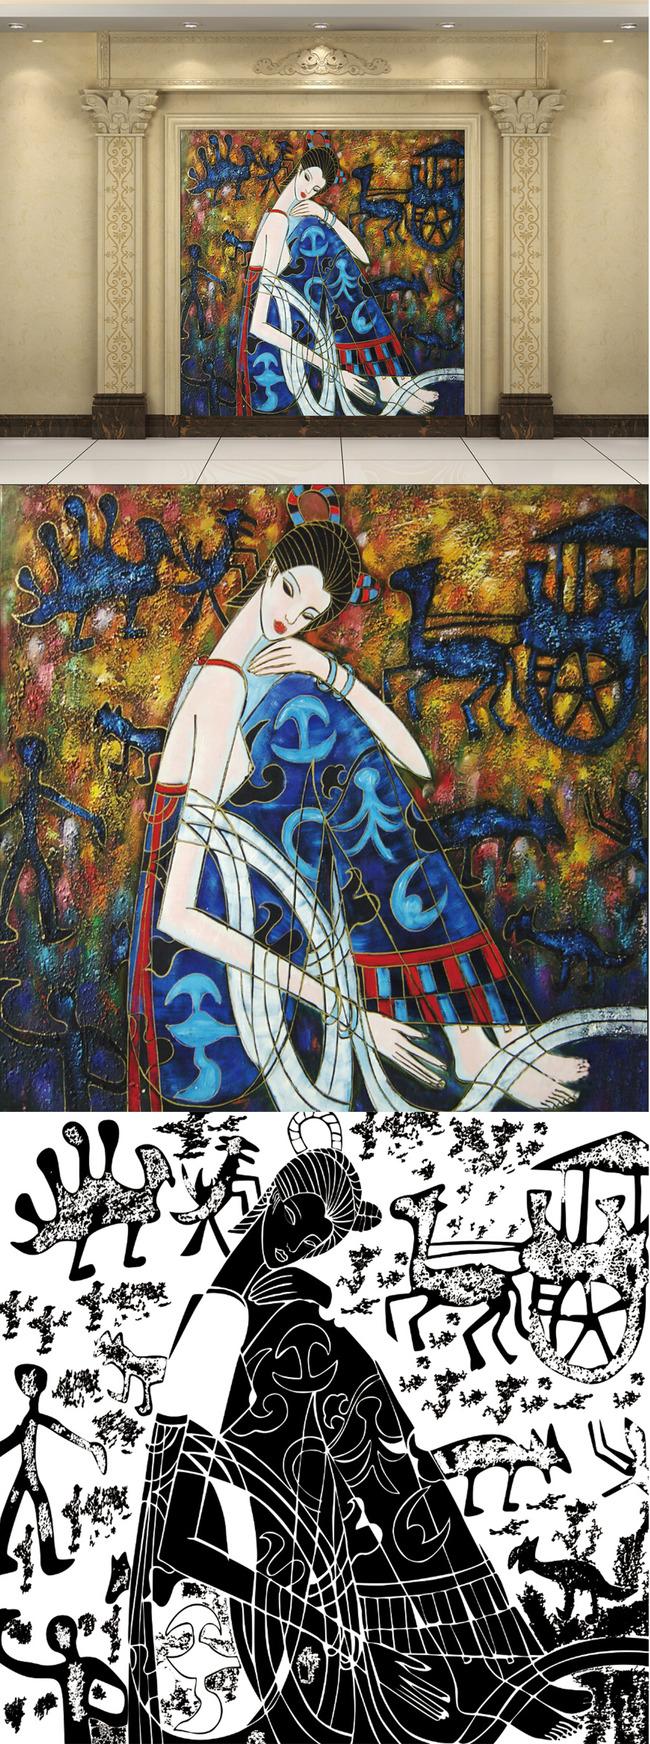 高清手绘抽象风格人物油画